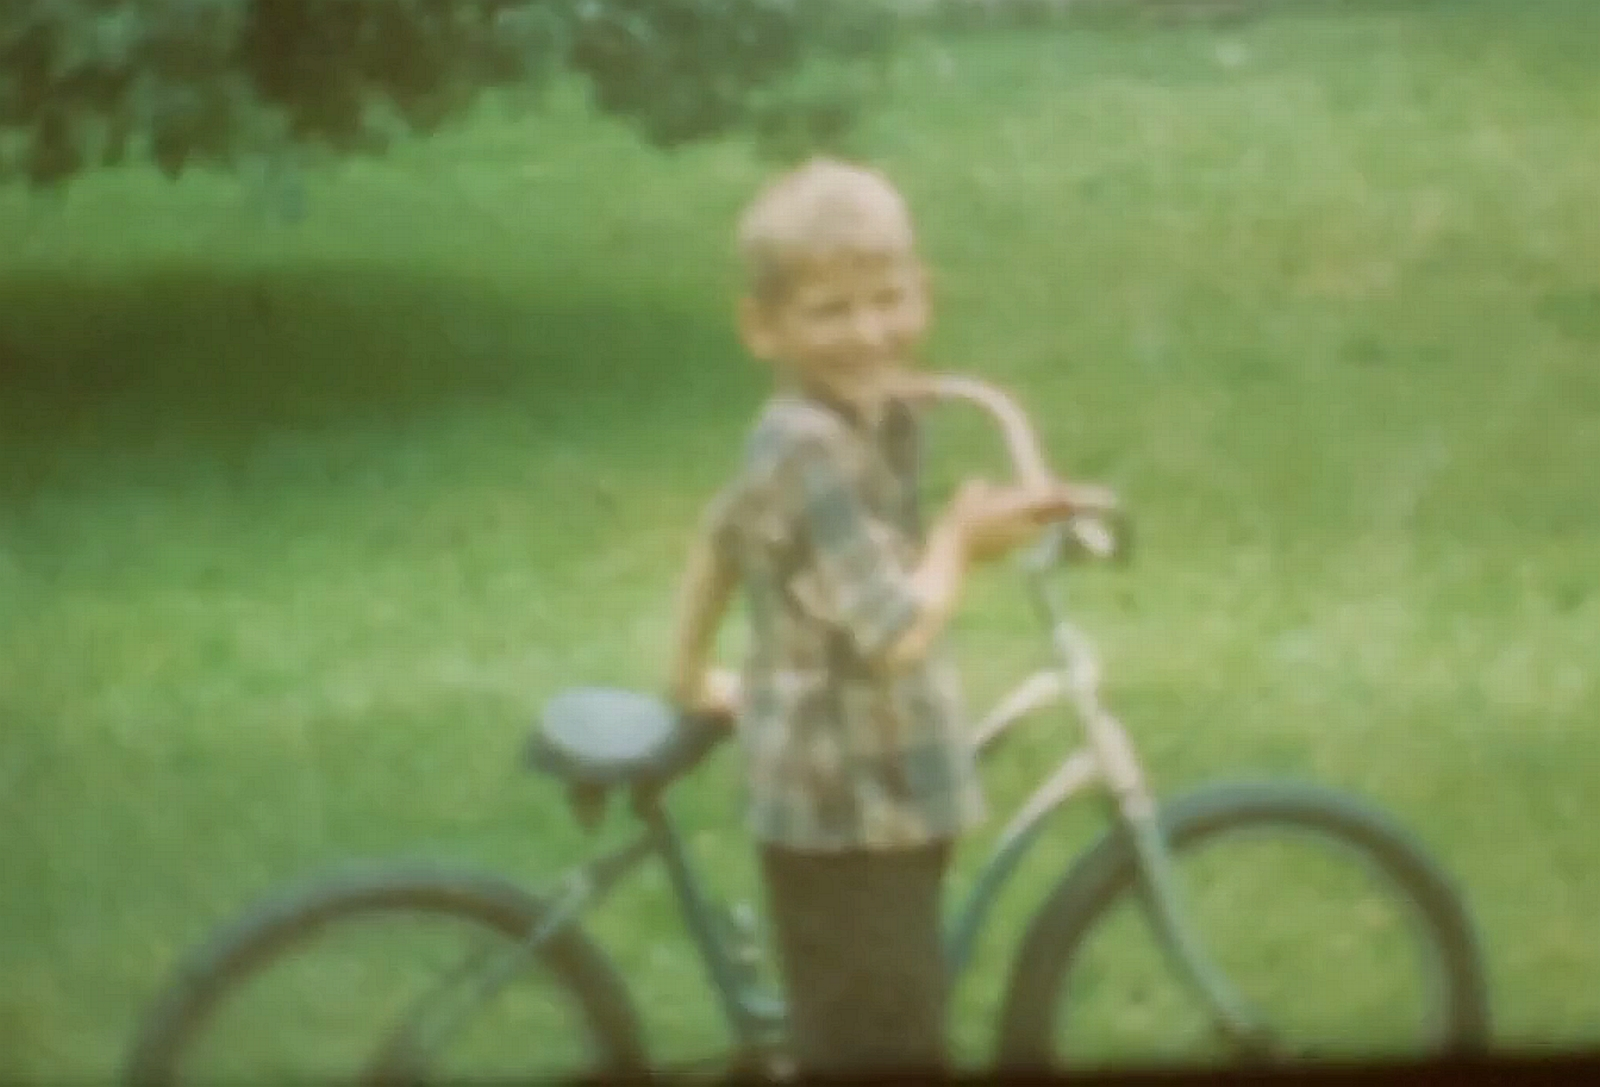 First bike.jpg